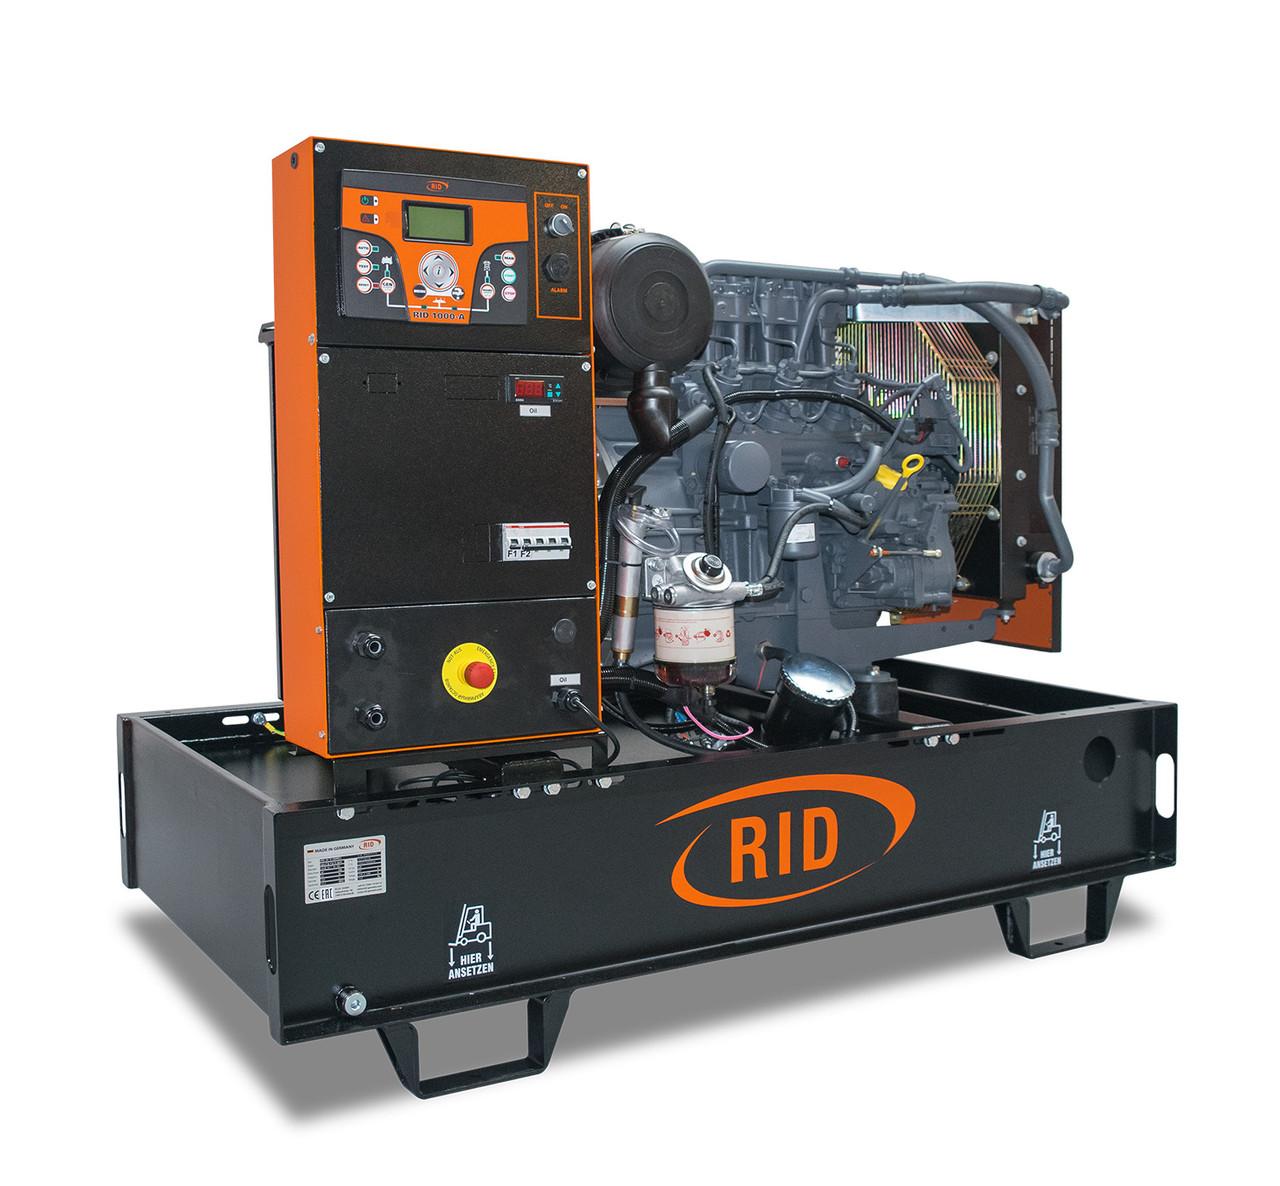 Трехфазный дизельный генератор RID 15 S-SERIES (12 кВт)